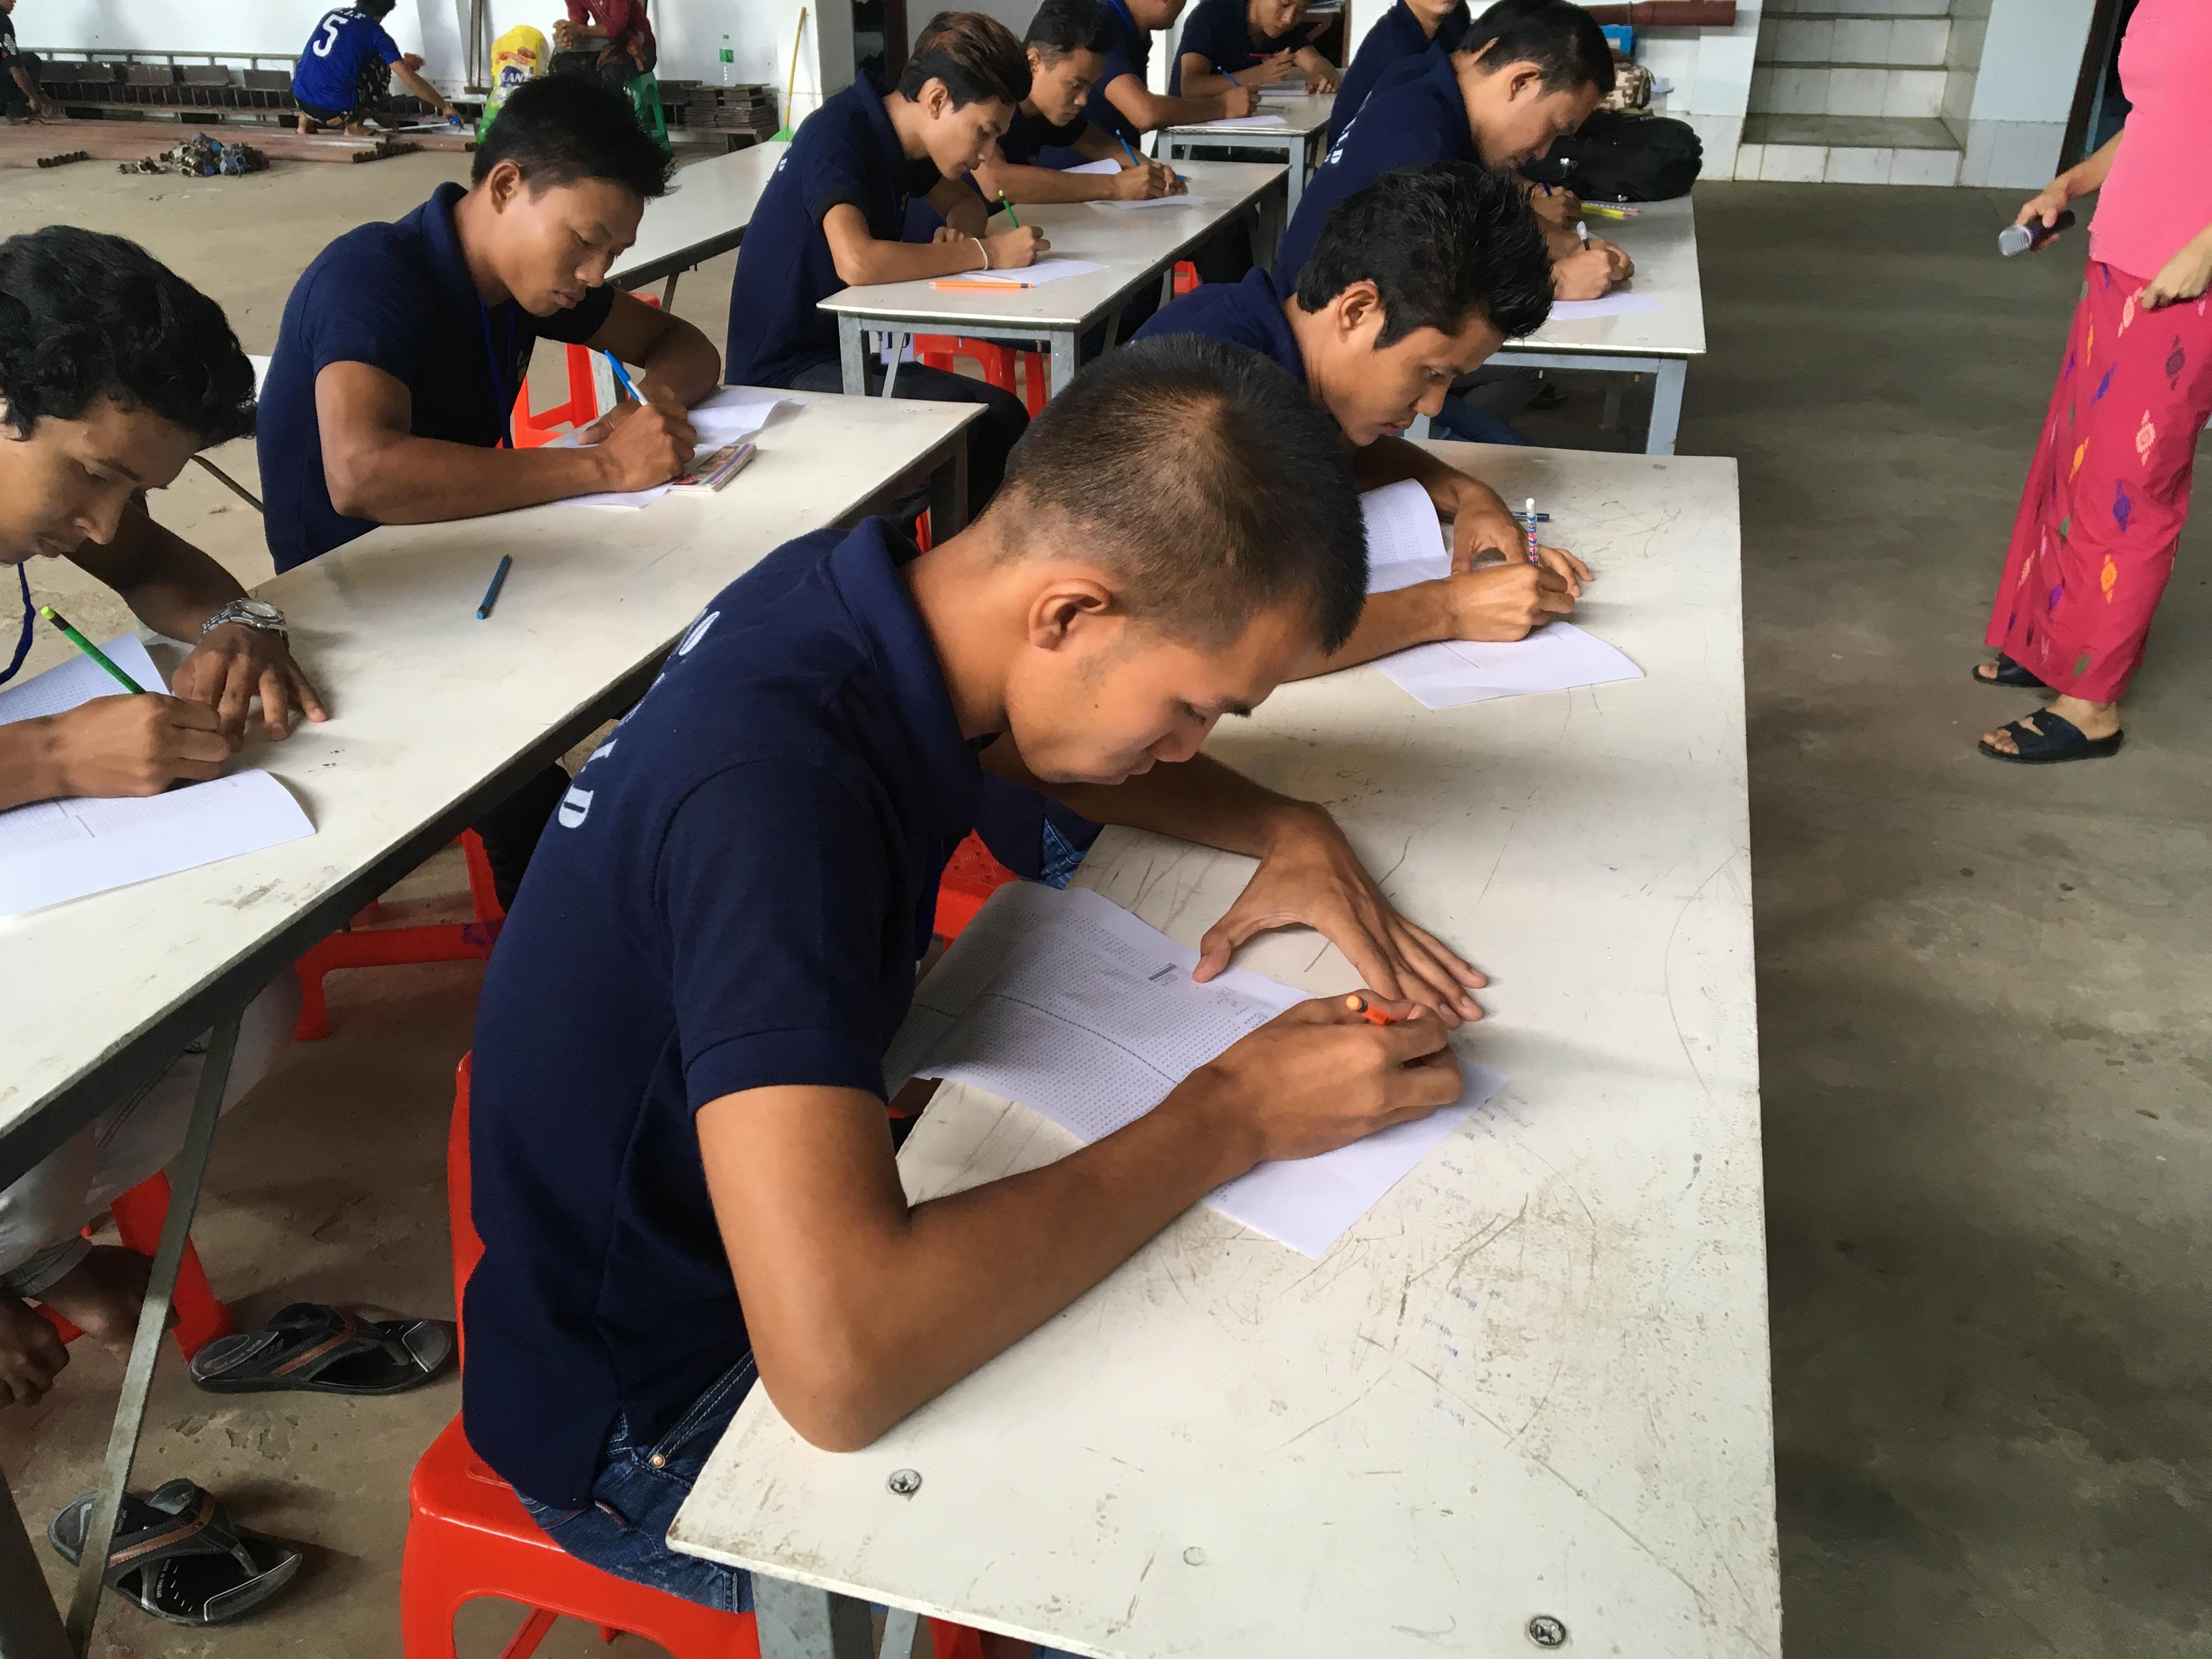 事前学習の日本語学習の取り組み-ミャンマー技能実習生事前教育体制解説(3)